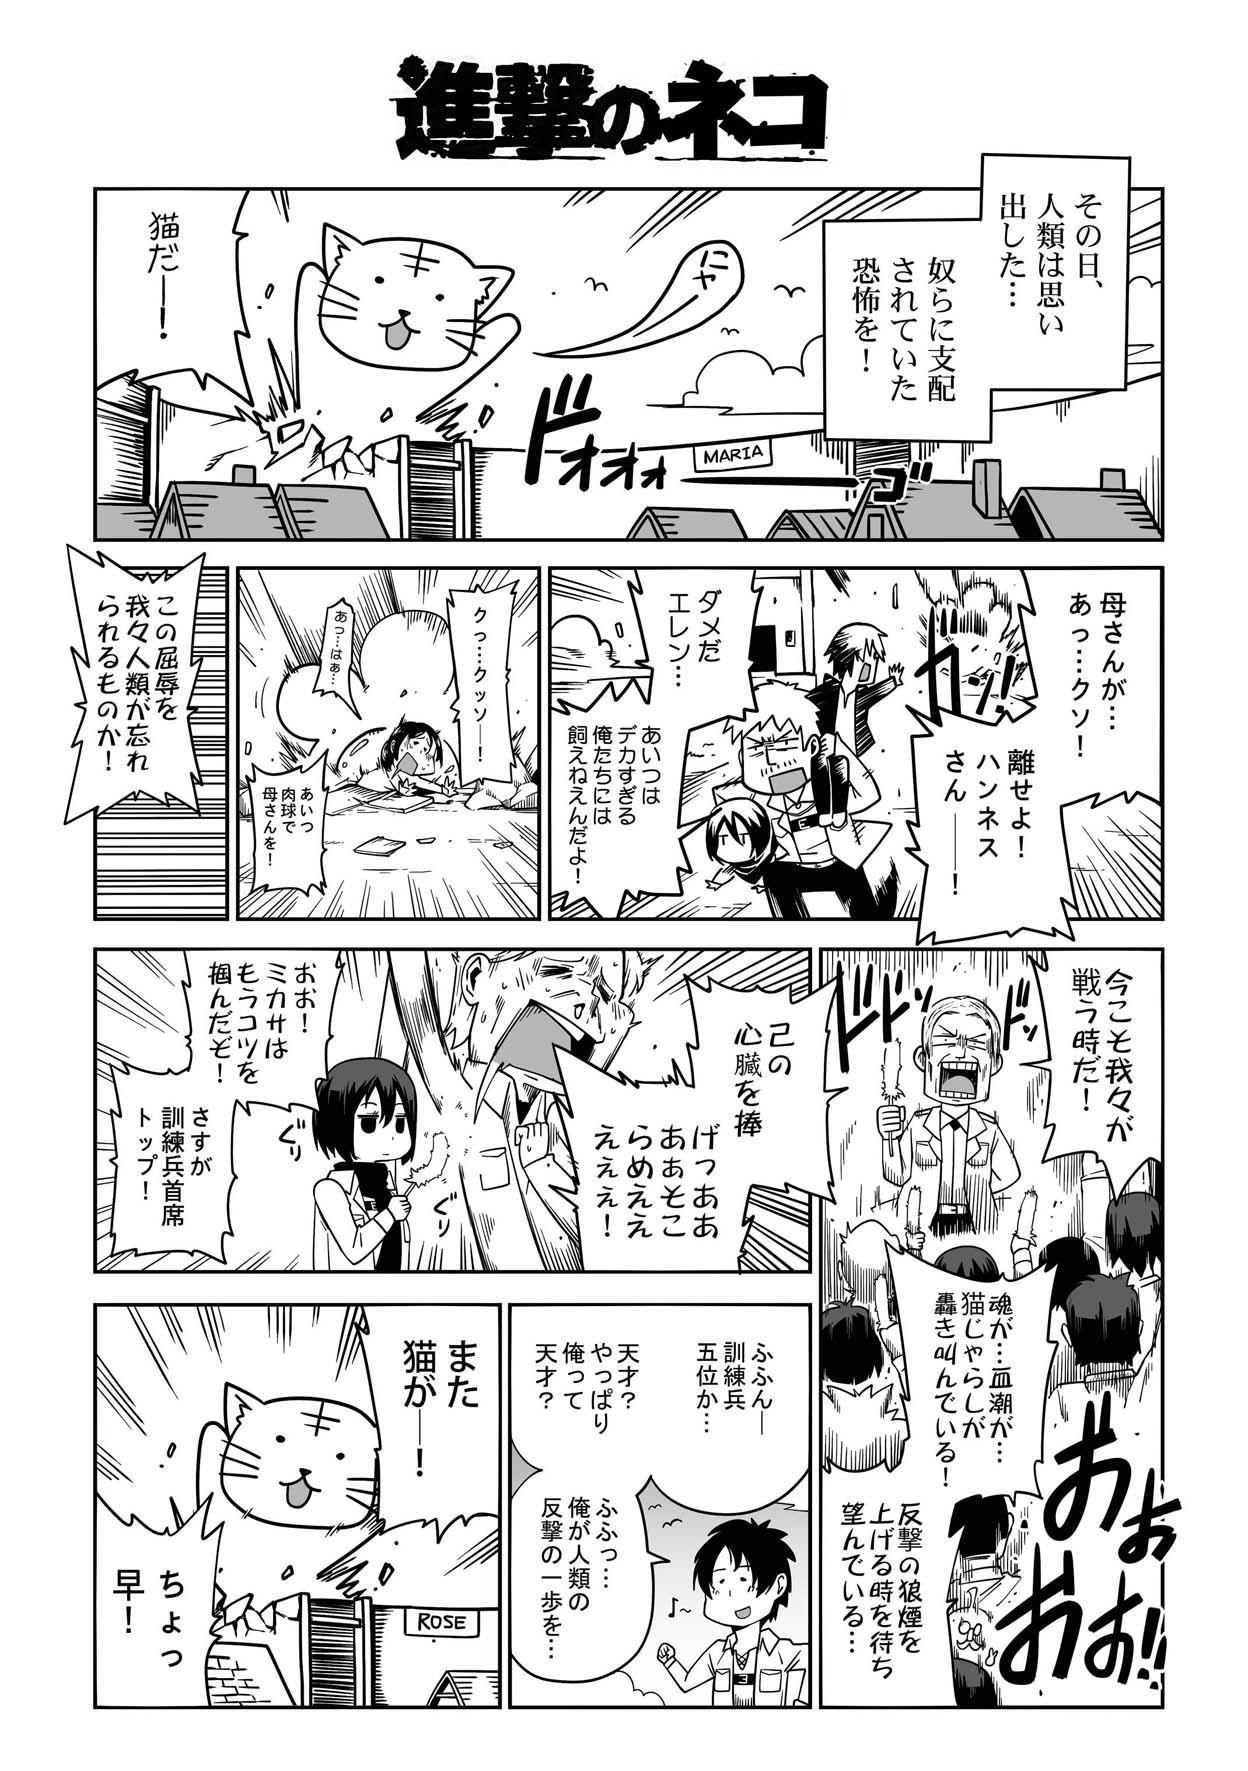 【進撃の巨人 同人】進擊のネコ